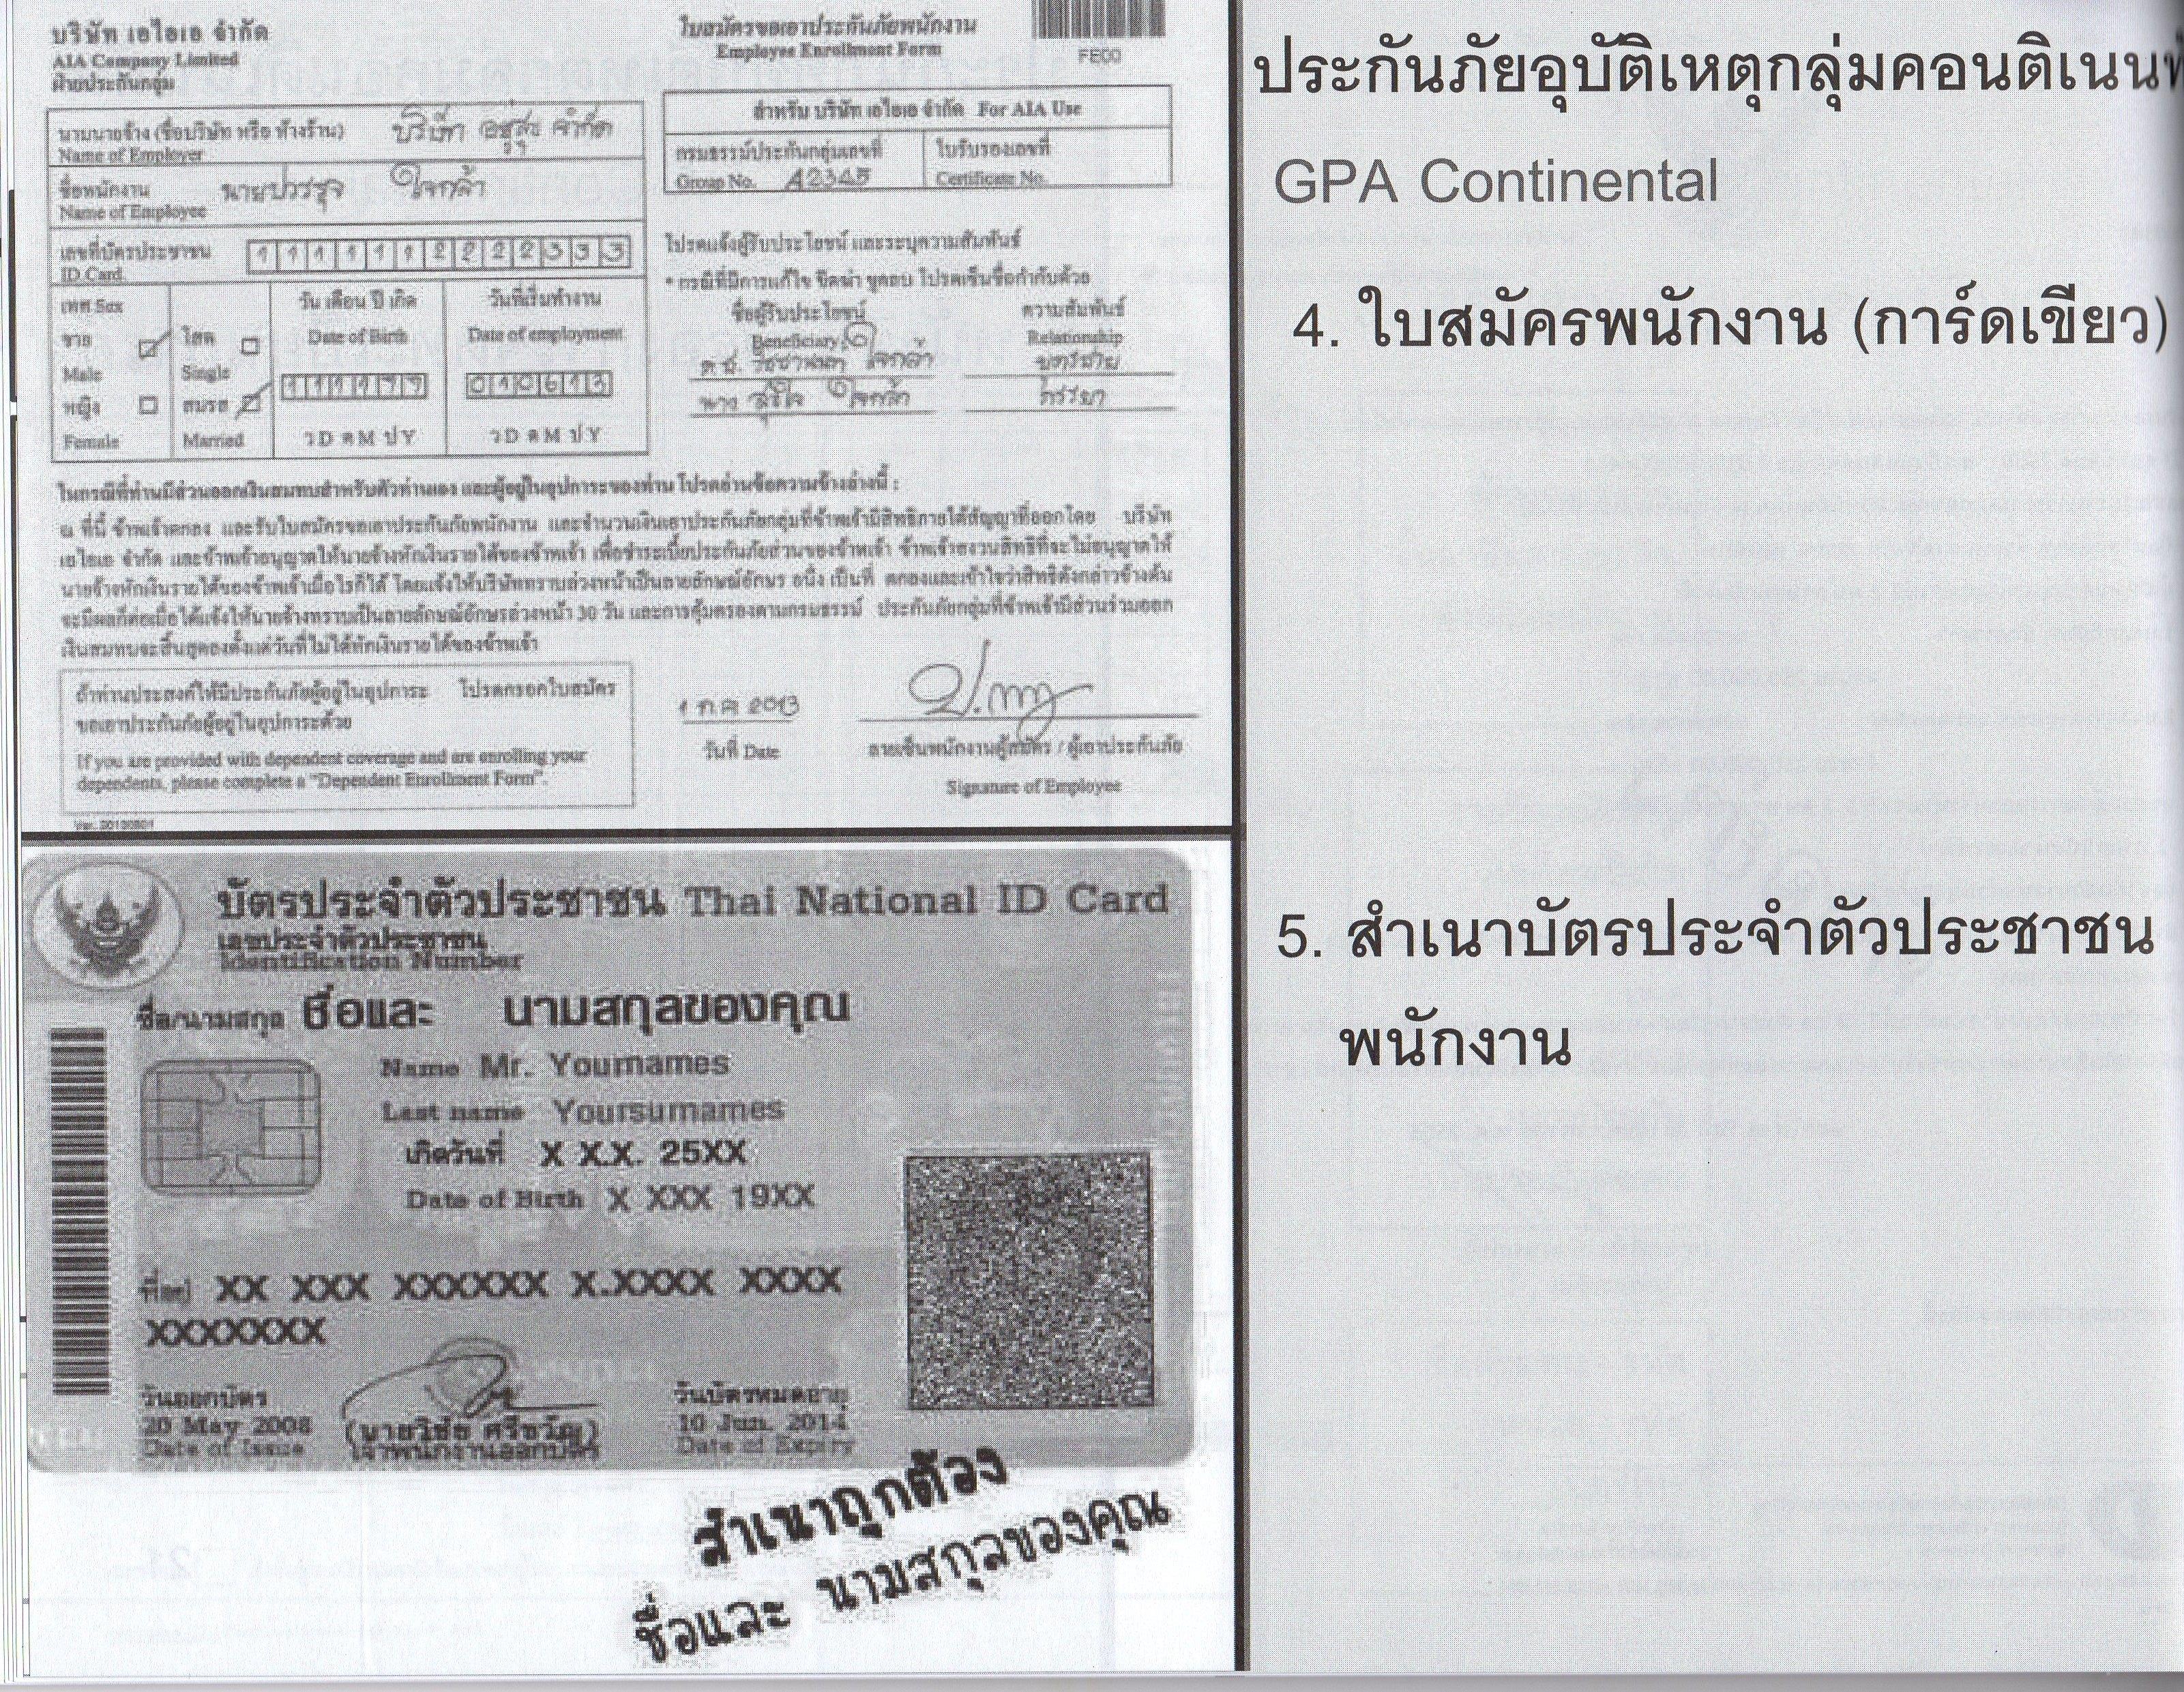 ใบสมัครพนักงาน (สีเขียว)  สำเนาบัตรประชาชนพนักงาน